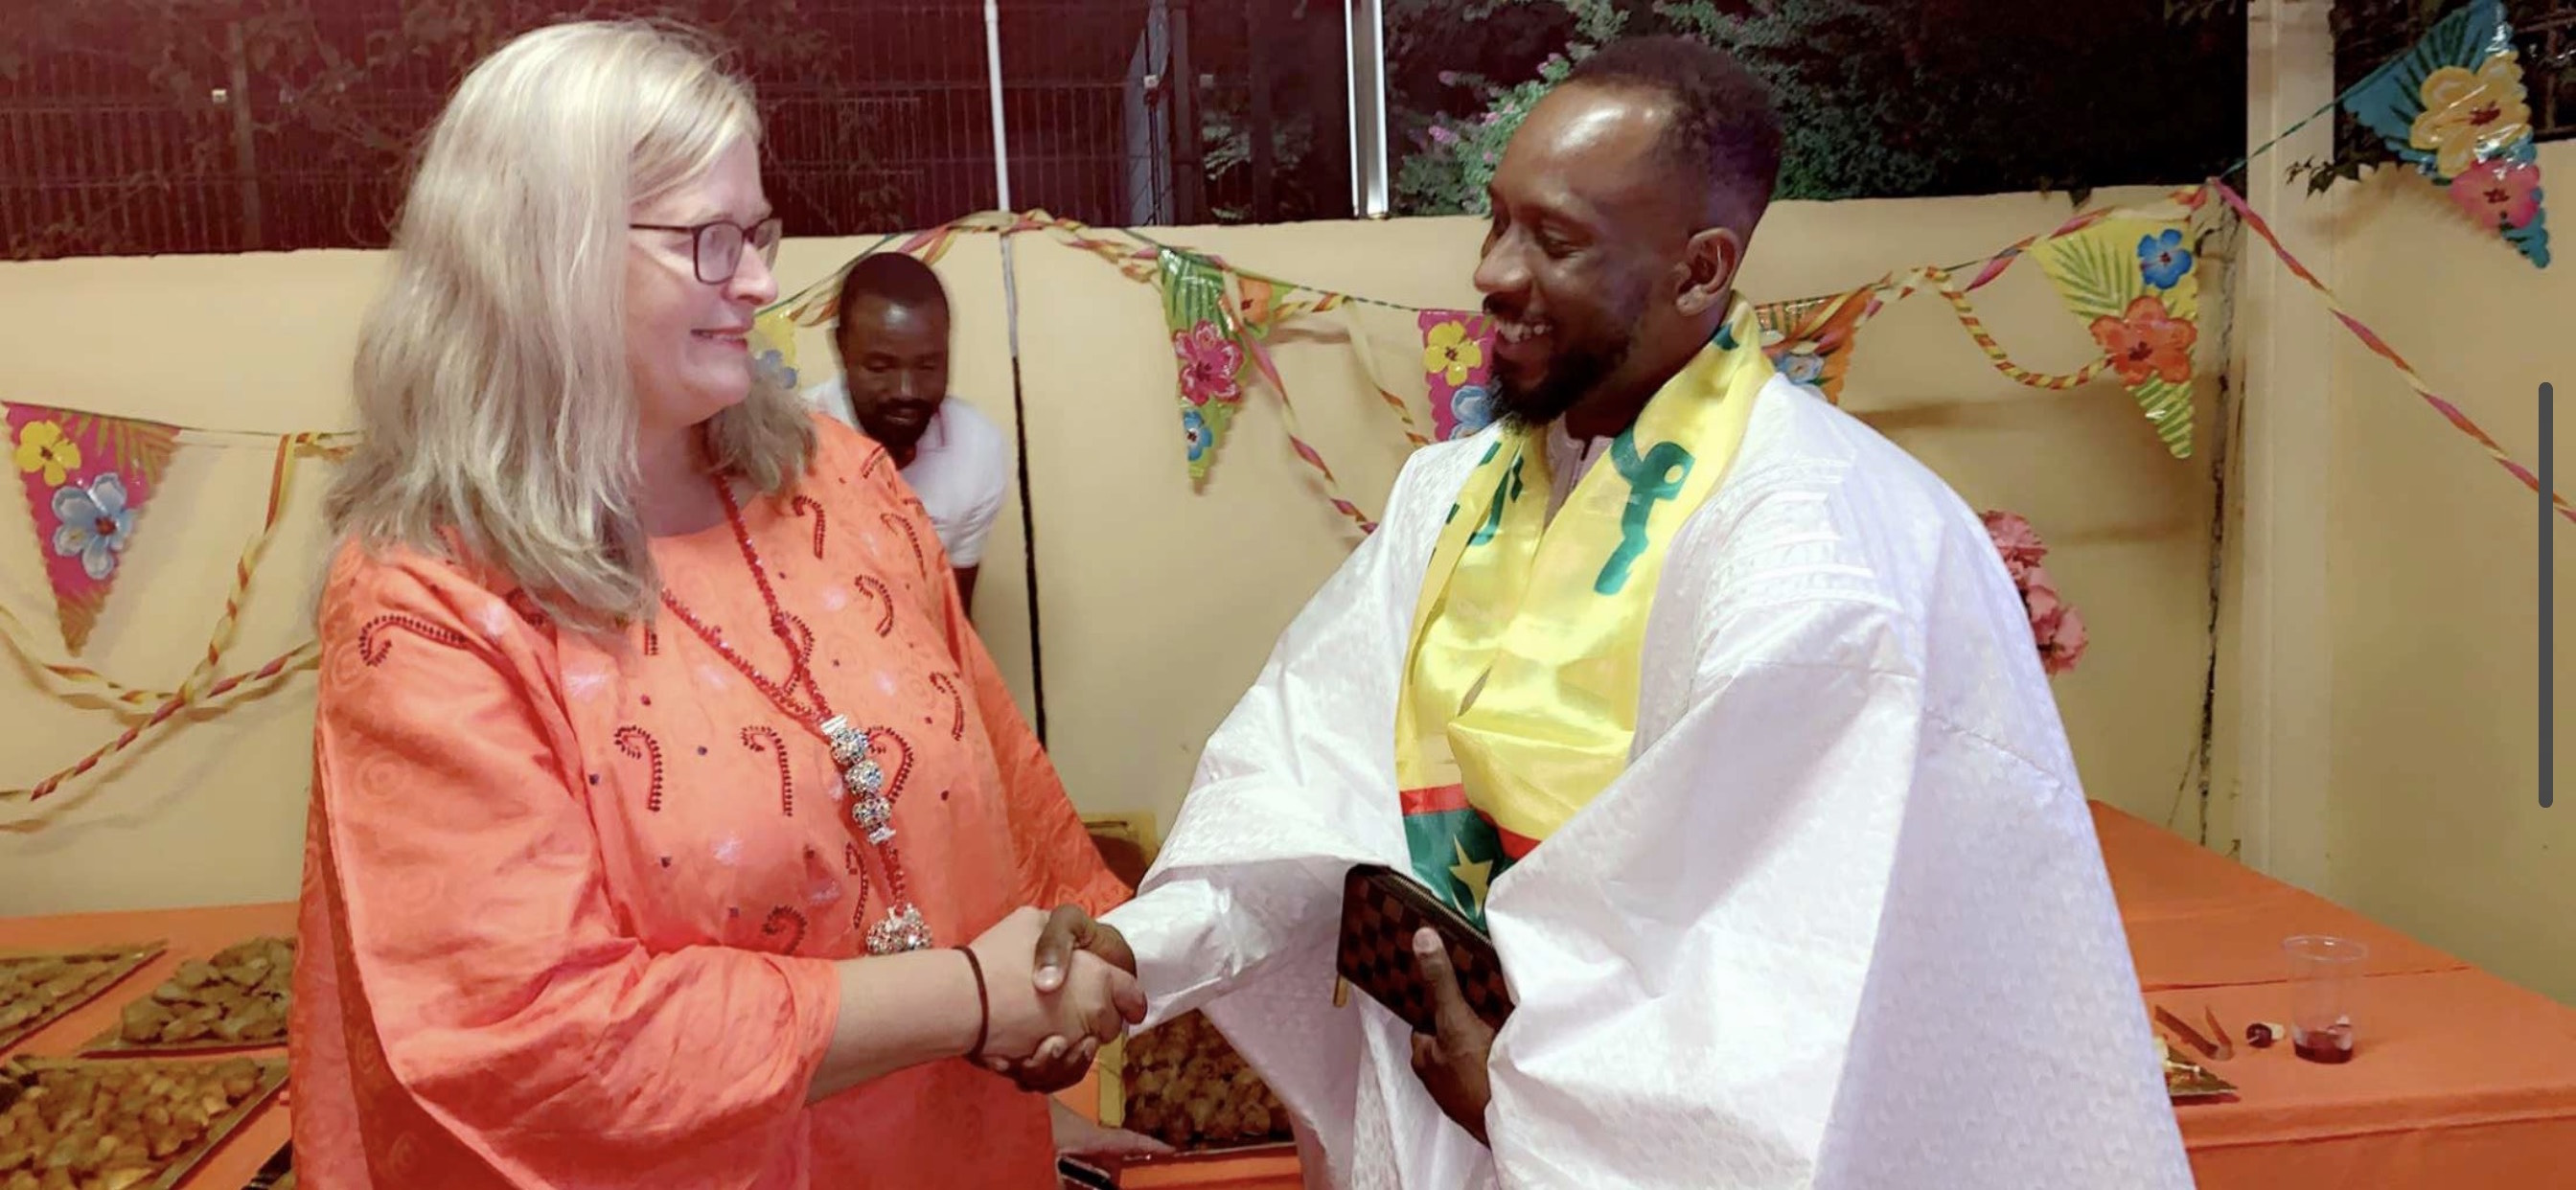 L'ambassade d'Allemagne en Mauritanie déroule le tapis rouge au designer et styliste Ziz Fashion